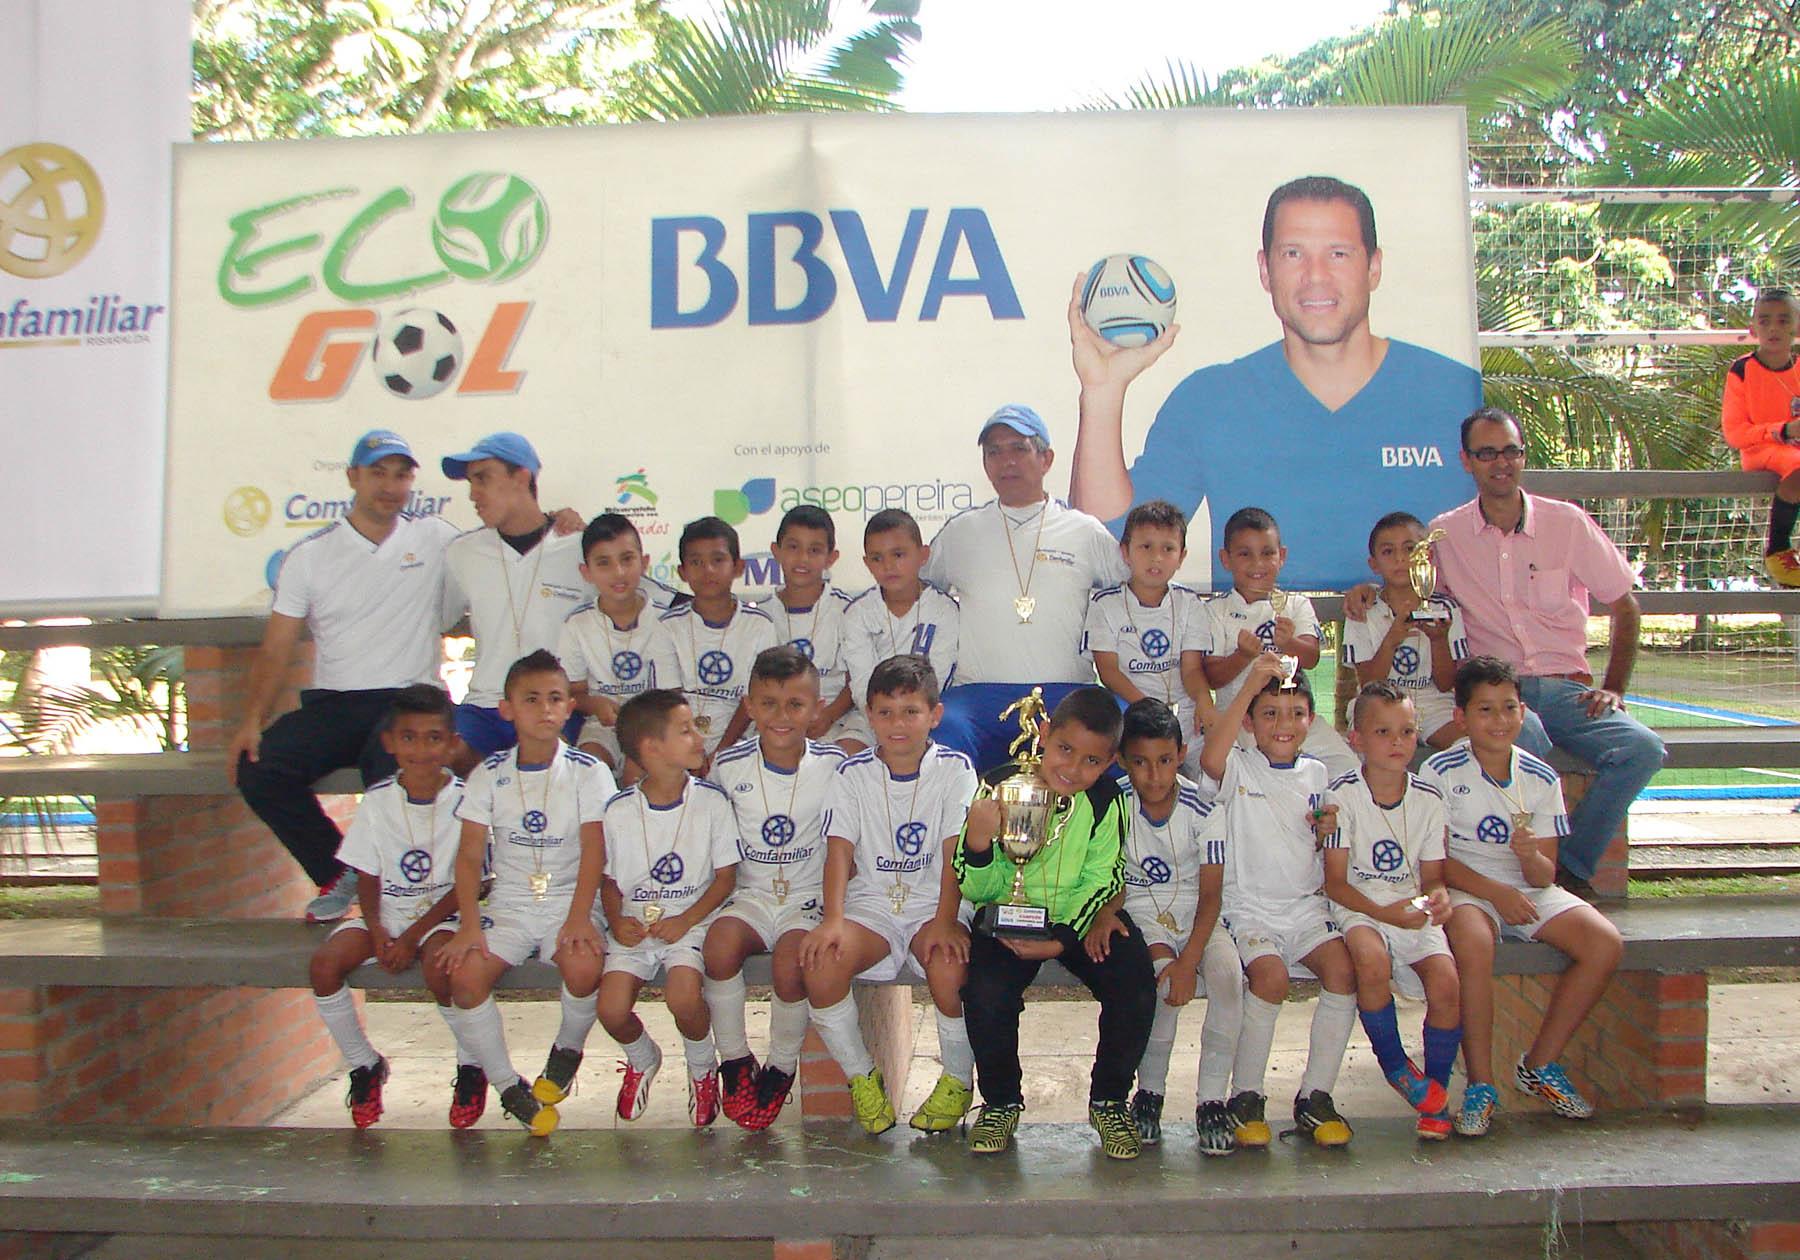 Comfamiliar campeón 2006